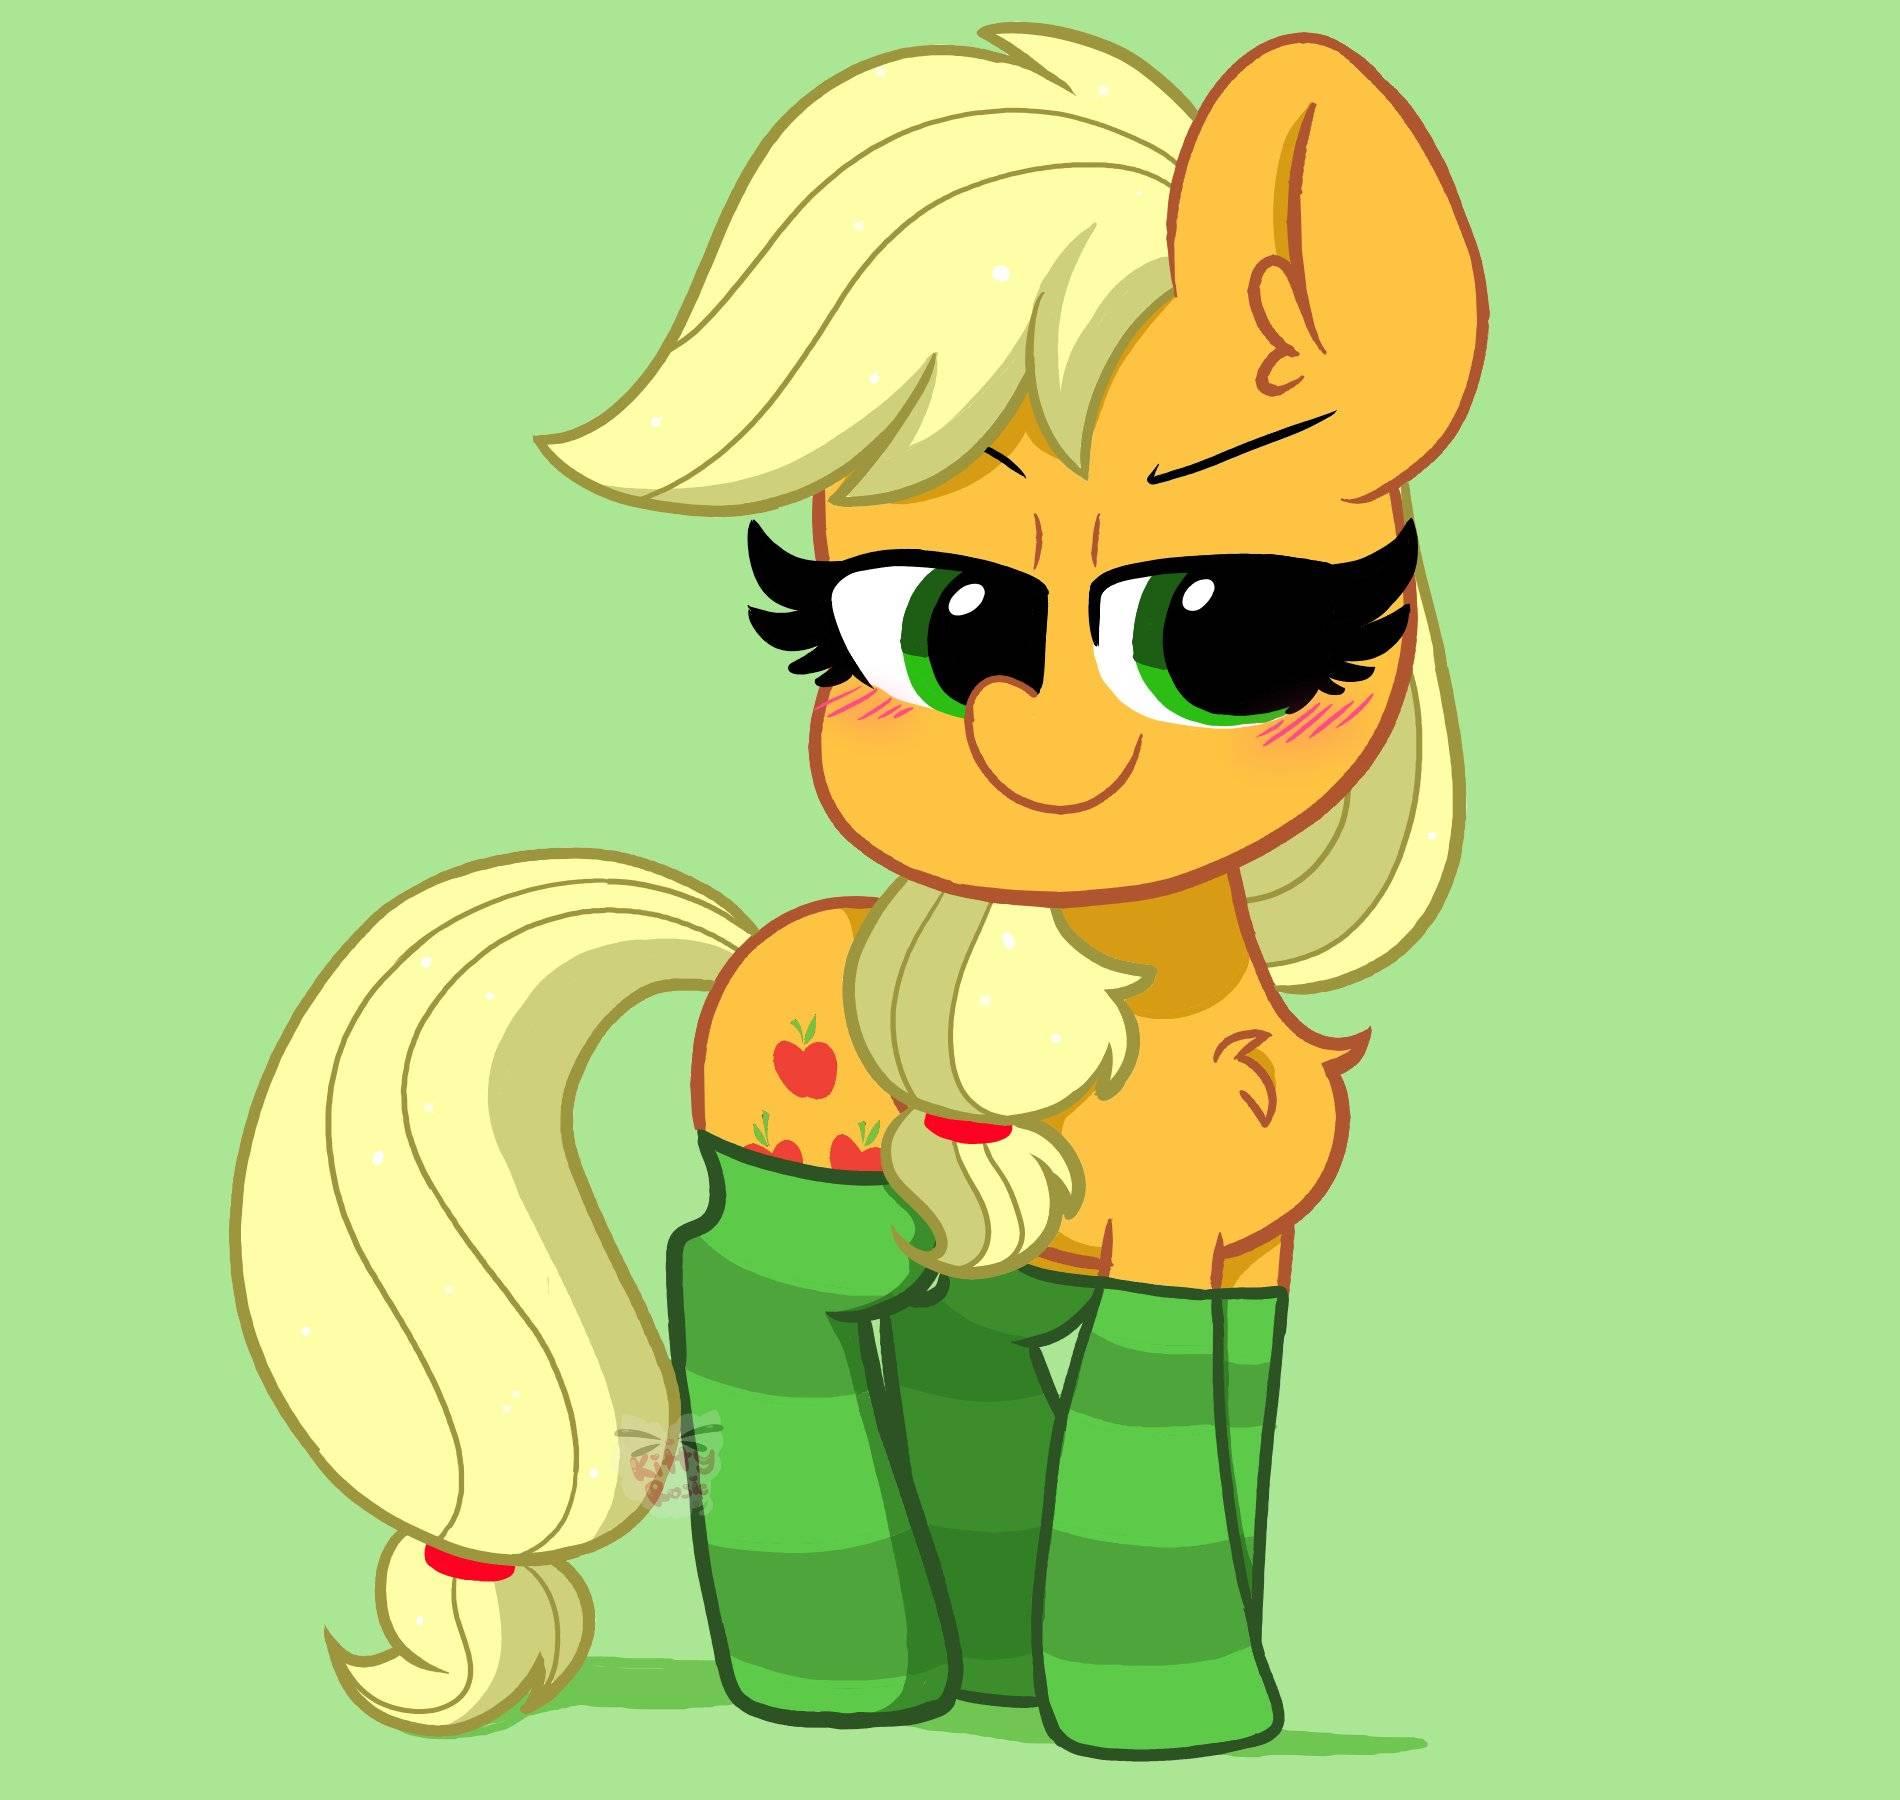 Applejack: Socks